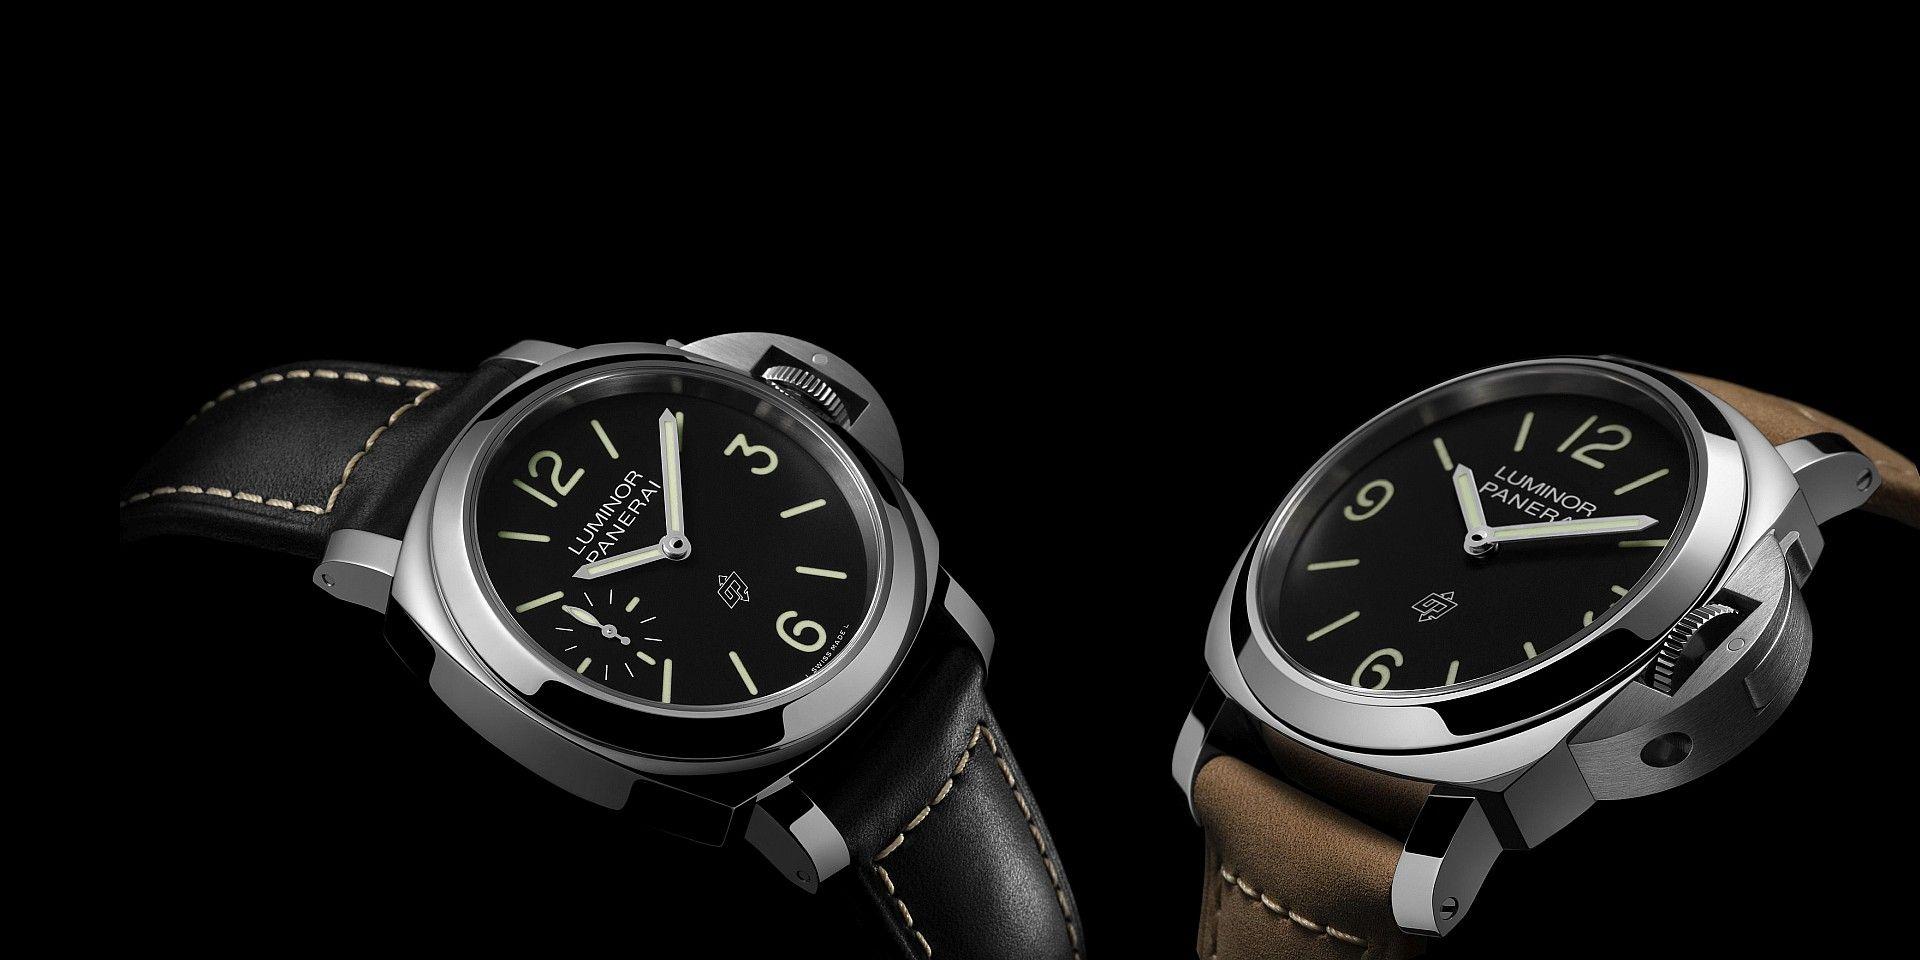 經典再現:沛納海Luminor OP Logo手上鍊腕錶全新上市